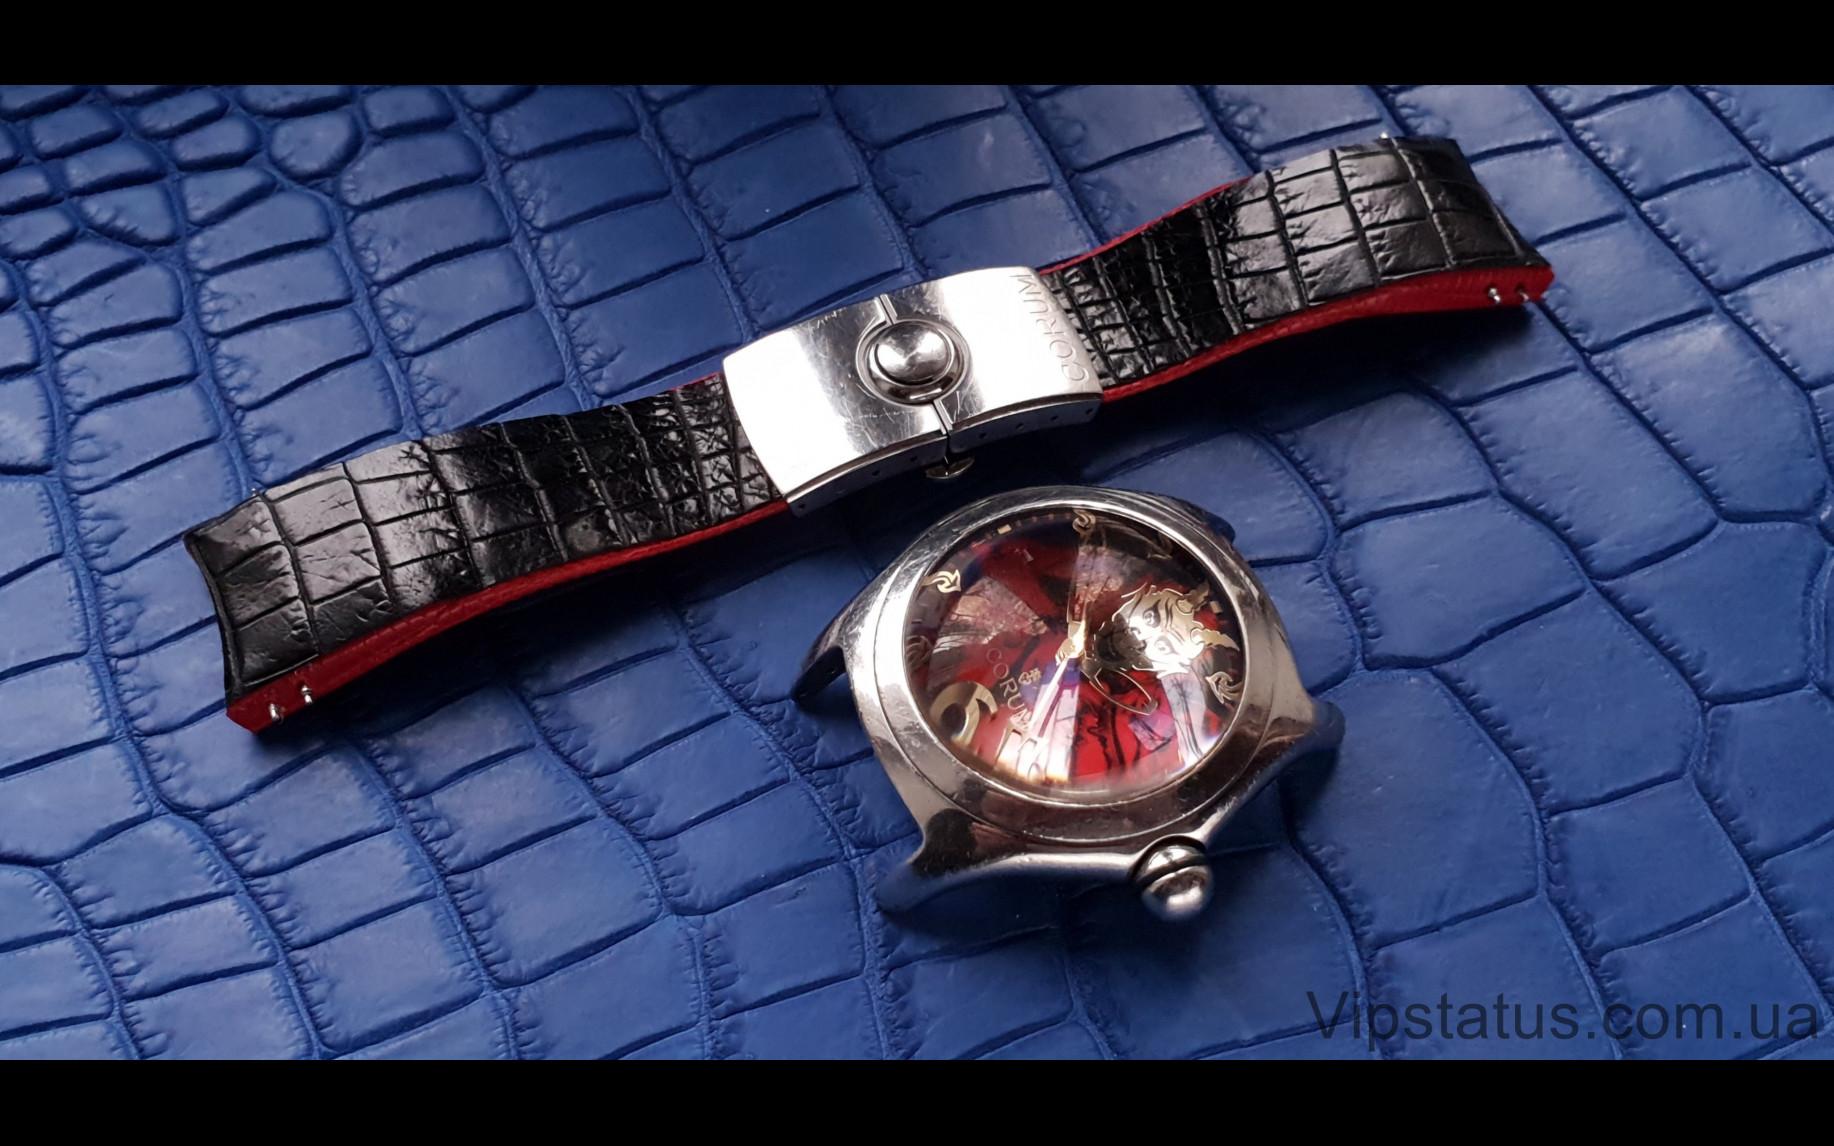 Elite Элитный ремешок для часов Corum Bubble Lucifer кожа крокодила Elite Crocodile Strap for Corum Bubble Lucifer watches image 1